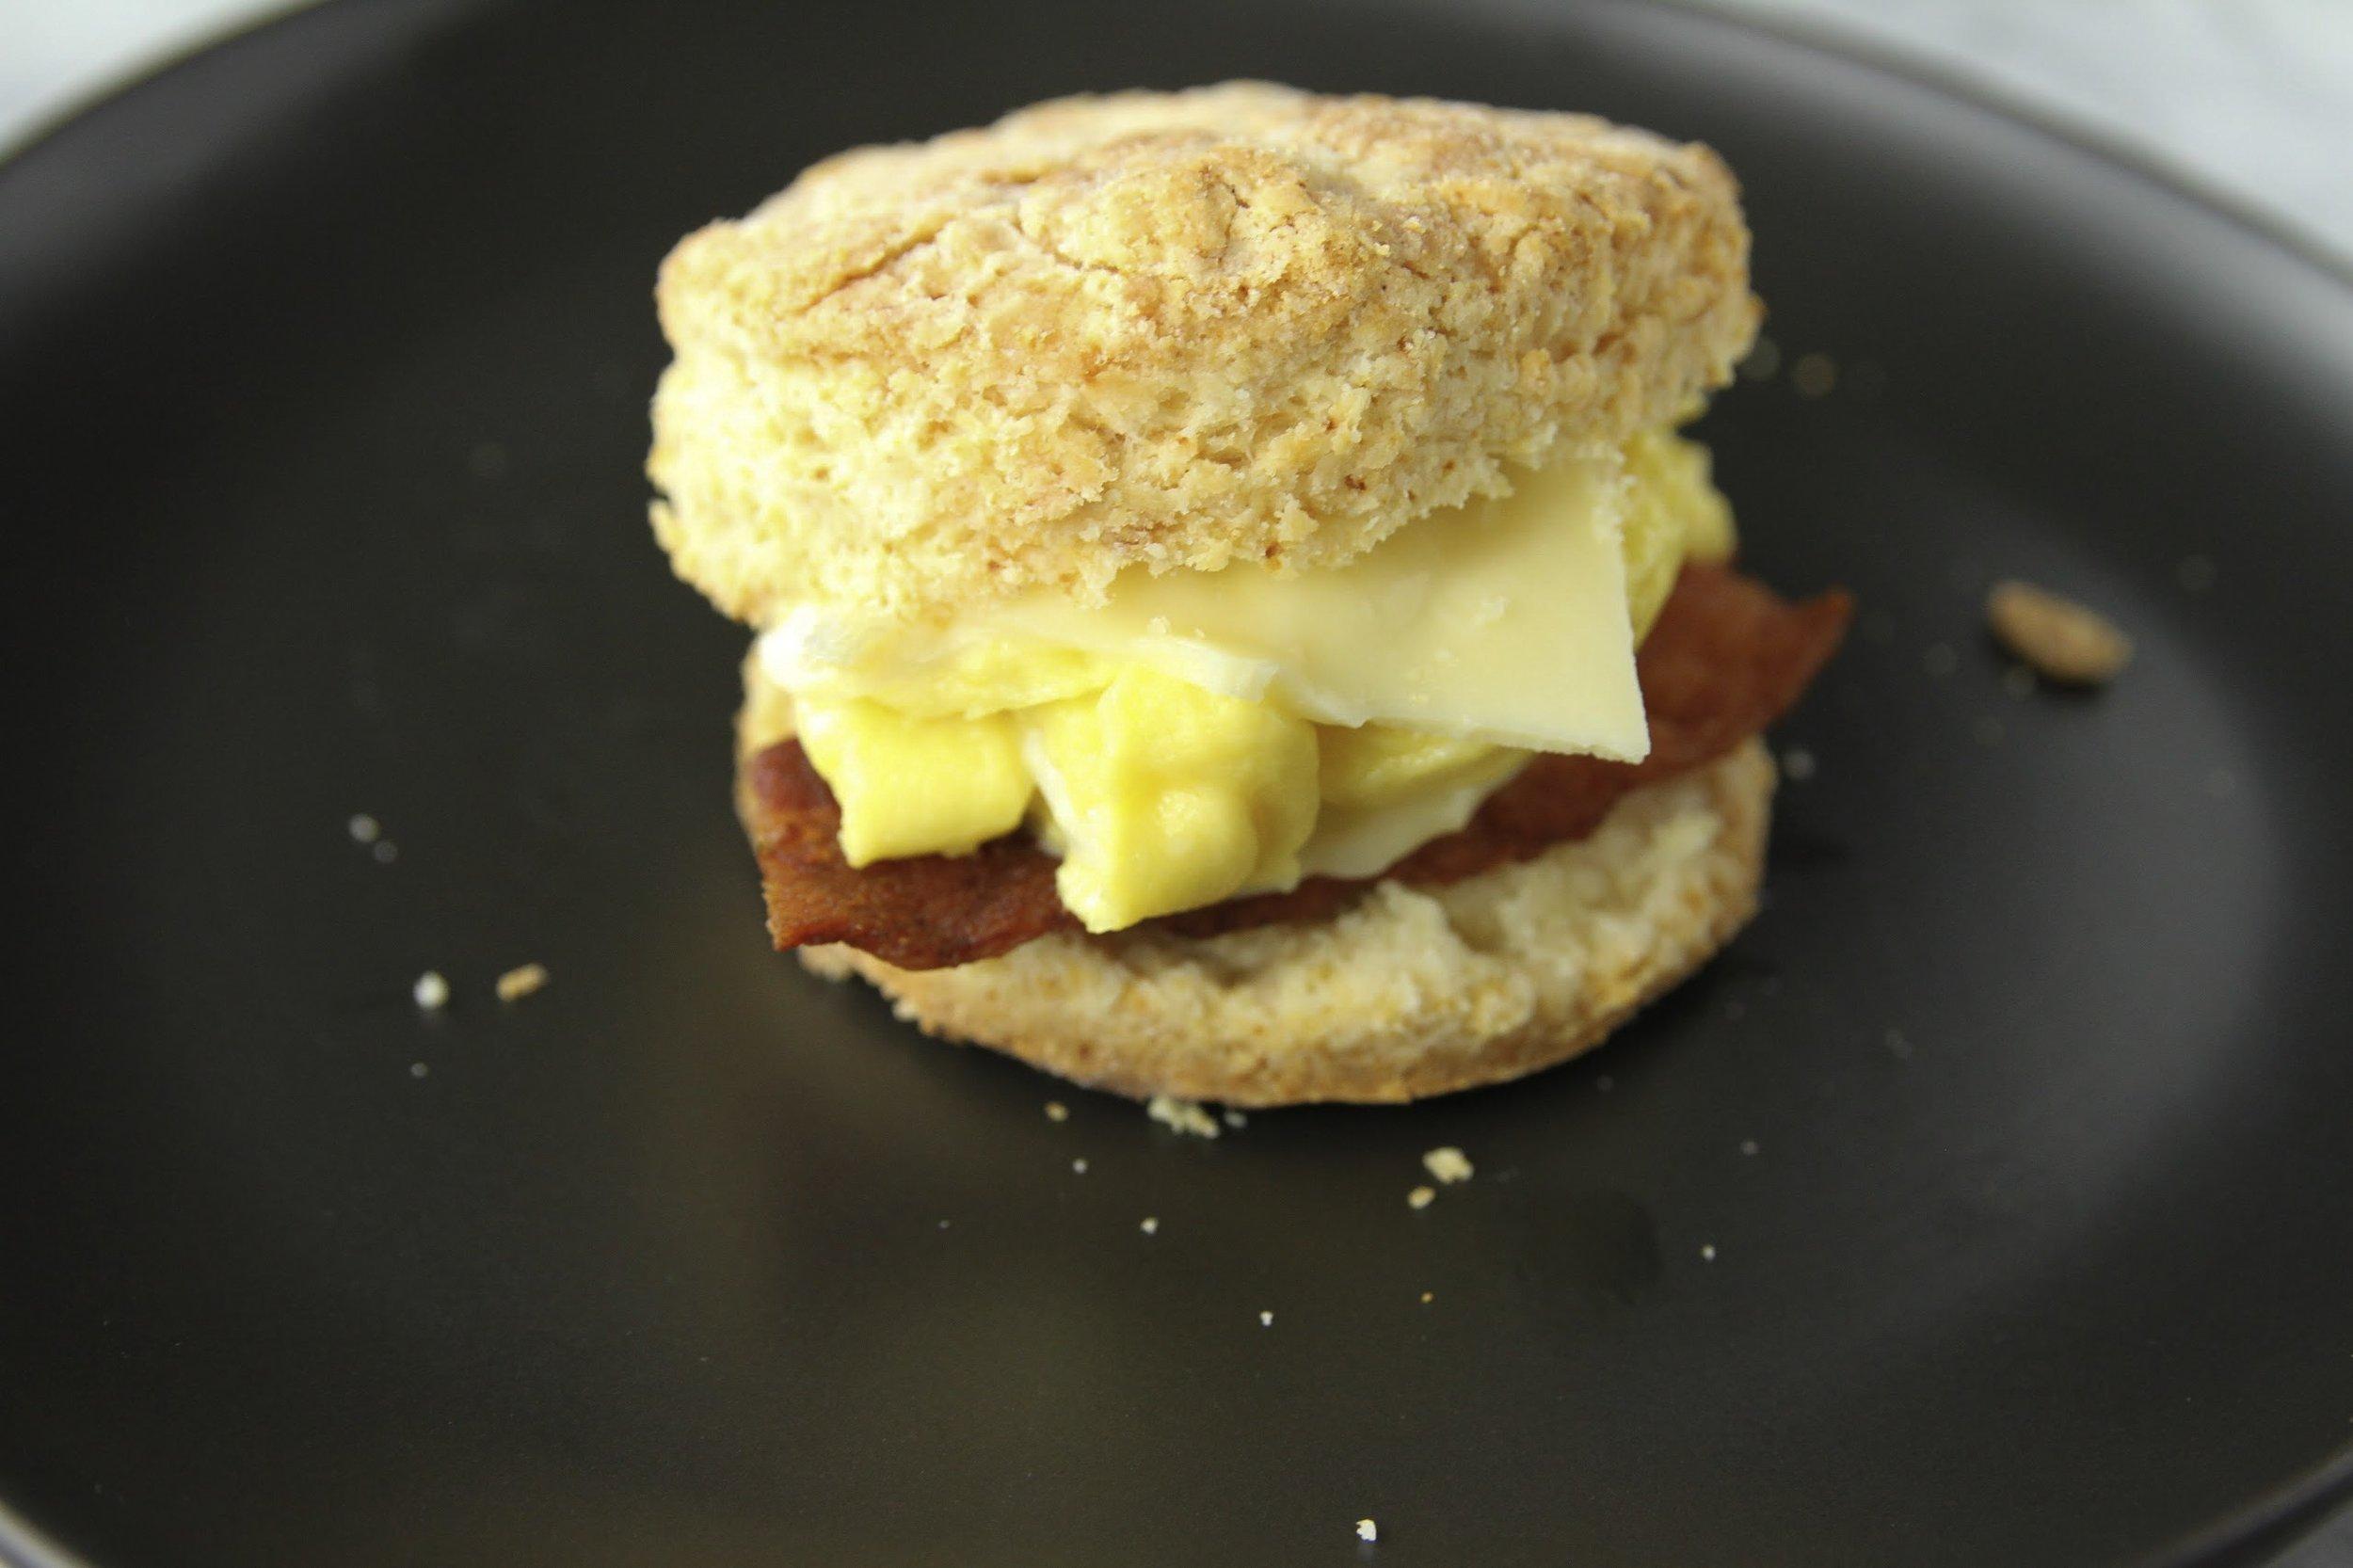 Gluten free buttermilk biscuit breakfast sandwich.